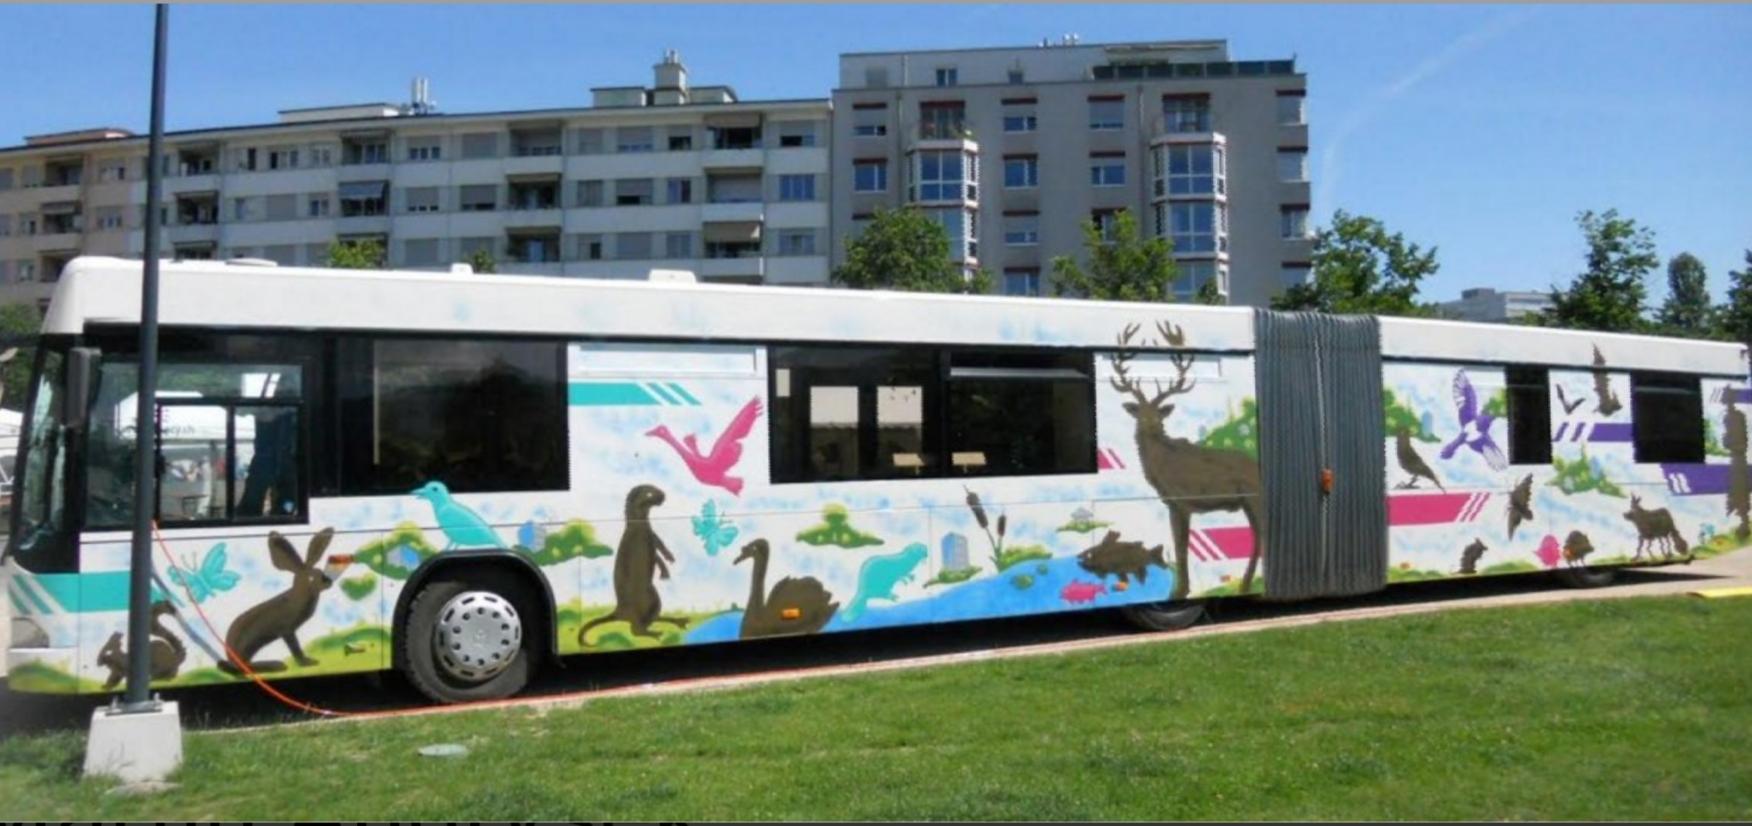 2019 02 11 bus exterieur